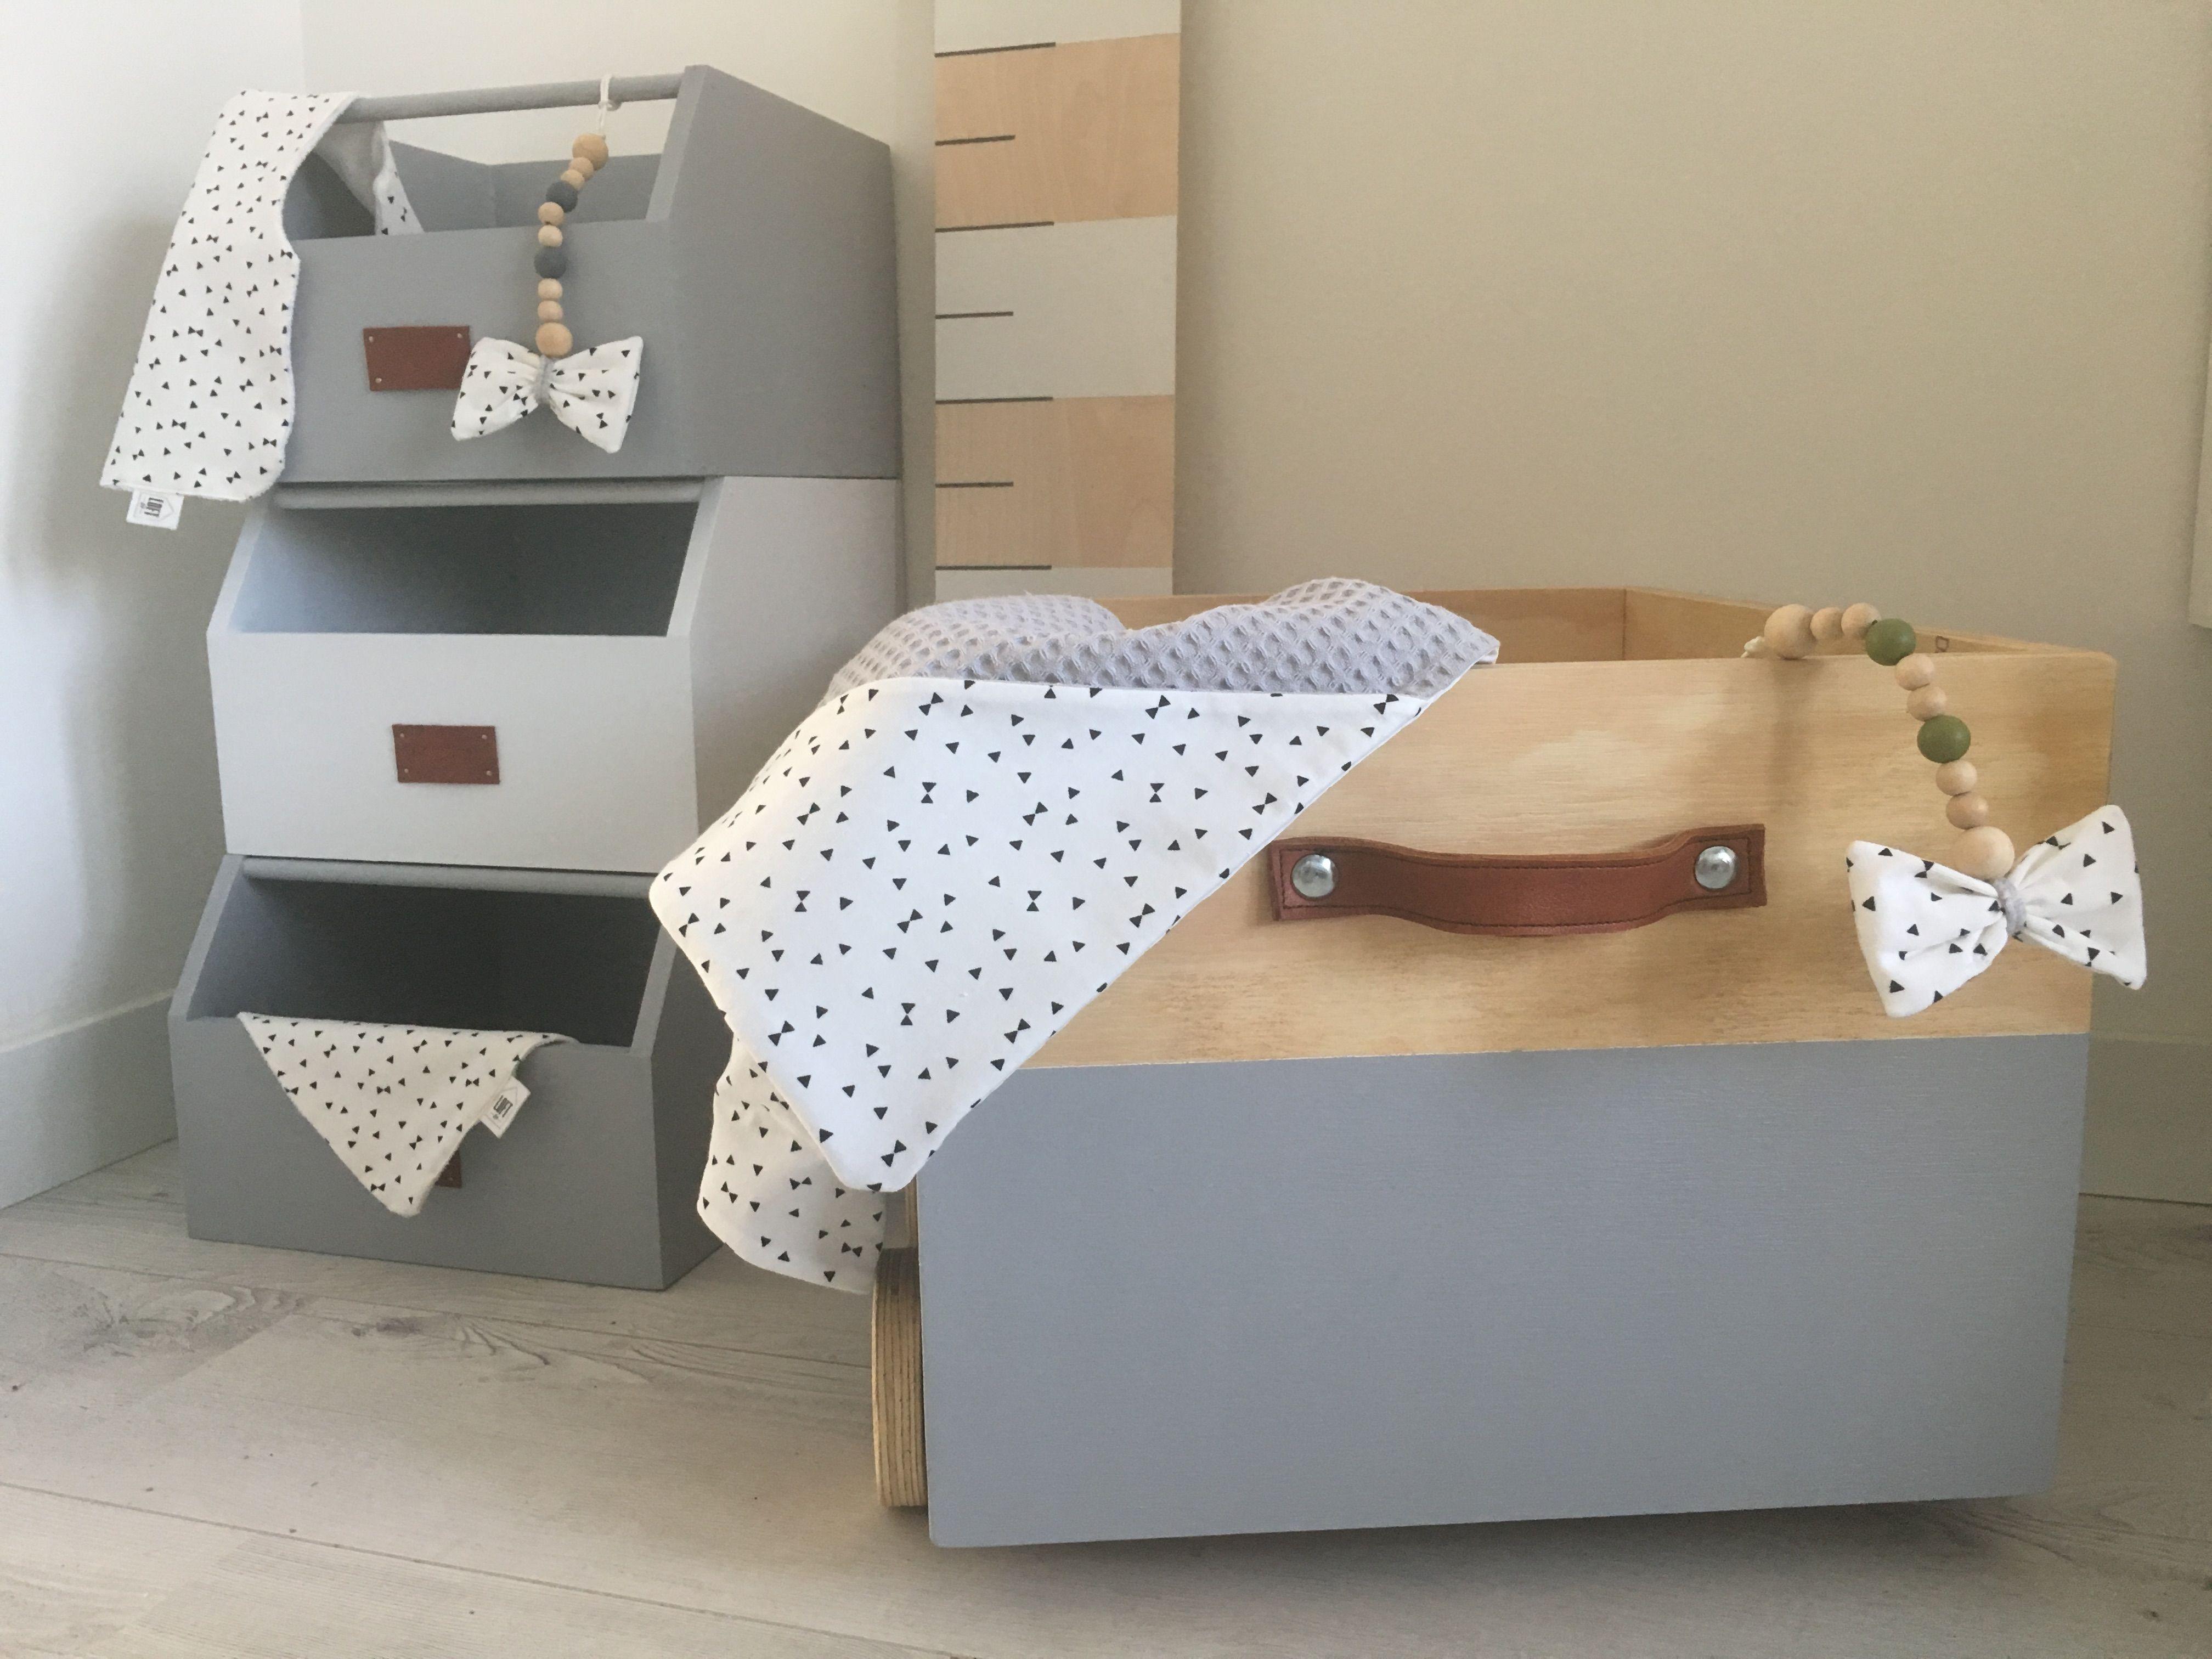 Lieve Stoere Kinderkamer : De opbergbakken op wielen van loft21 zijn een echte musthave voor op